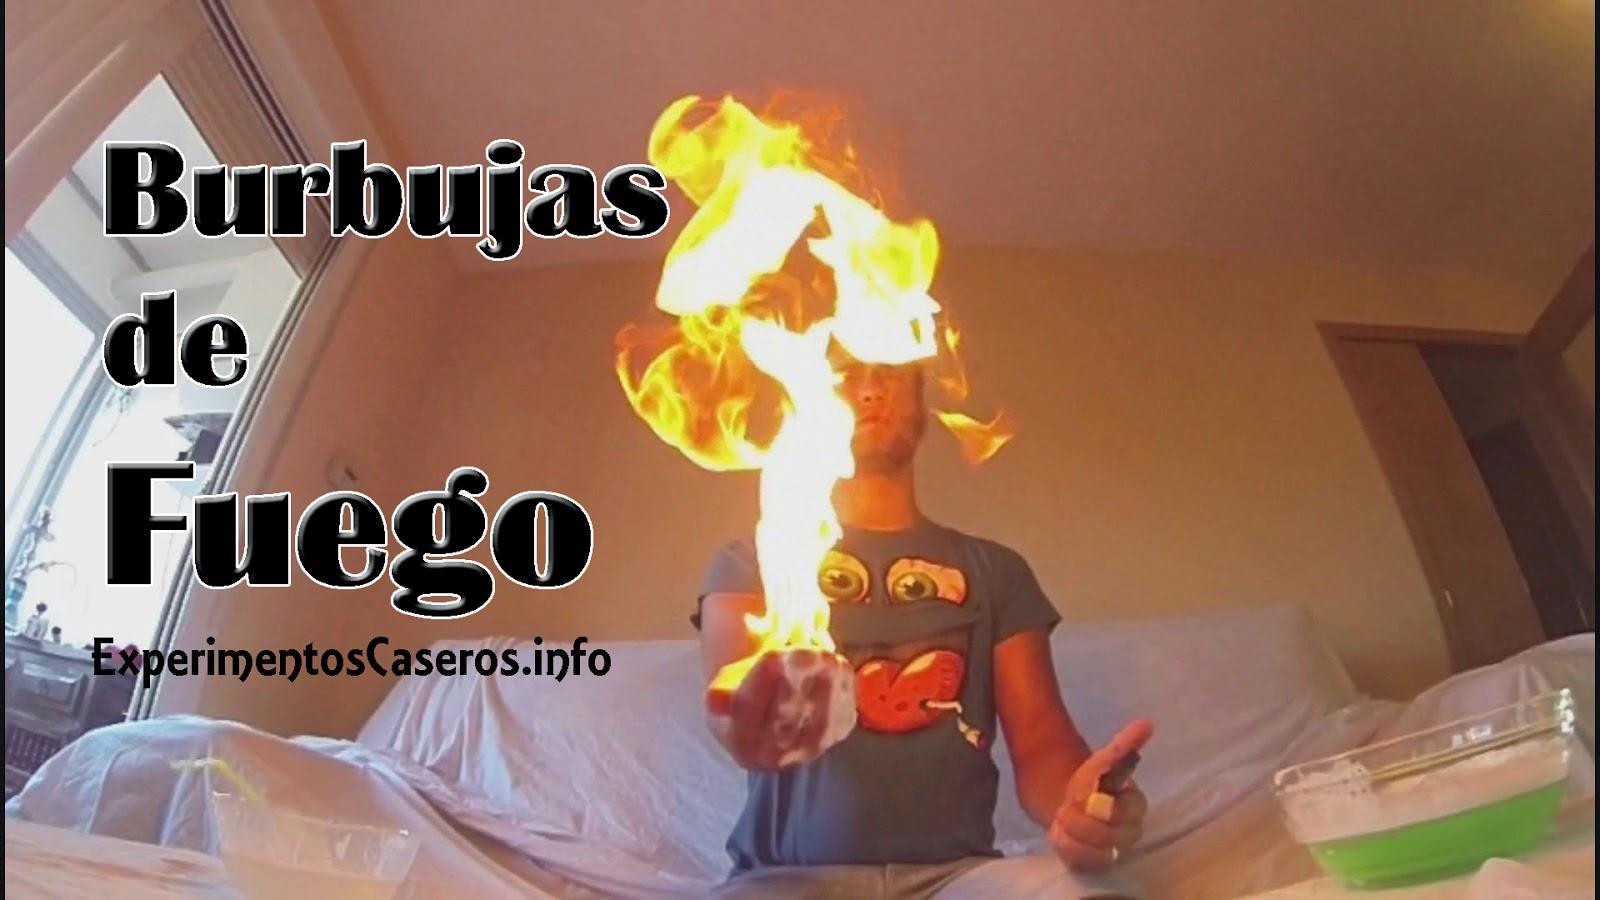 burbujas de fuego, fire bubbles, espuma de fuego, manos de fuego, experimentos caseros, experimentos con fuego, experimentos, experimento, invento, experimentos peligrosos